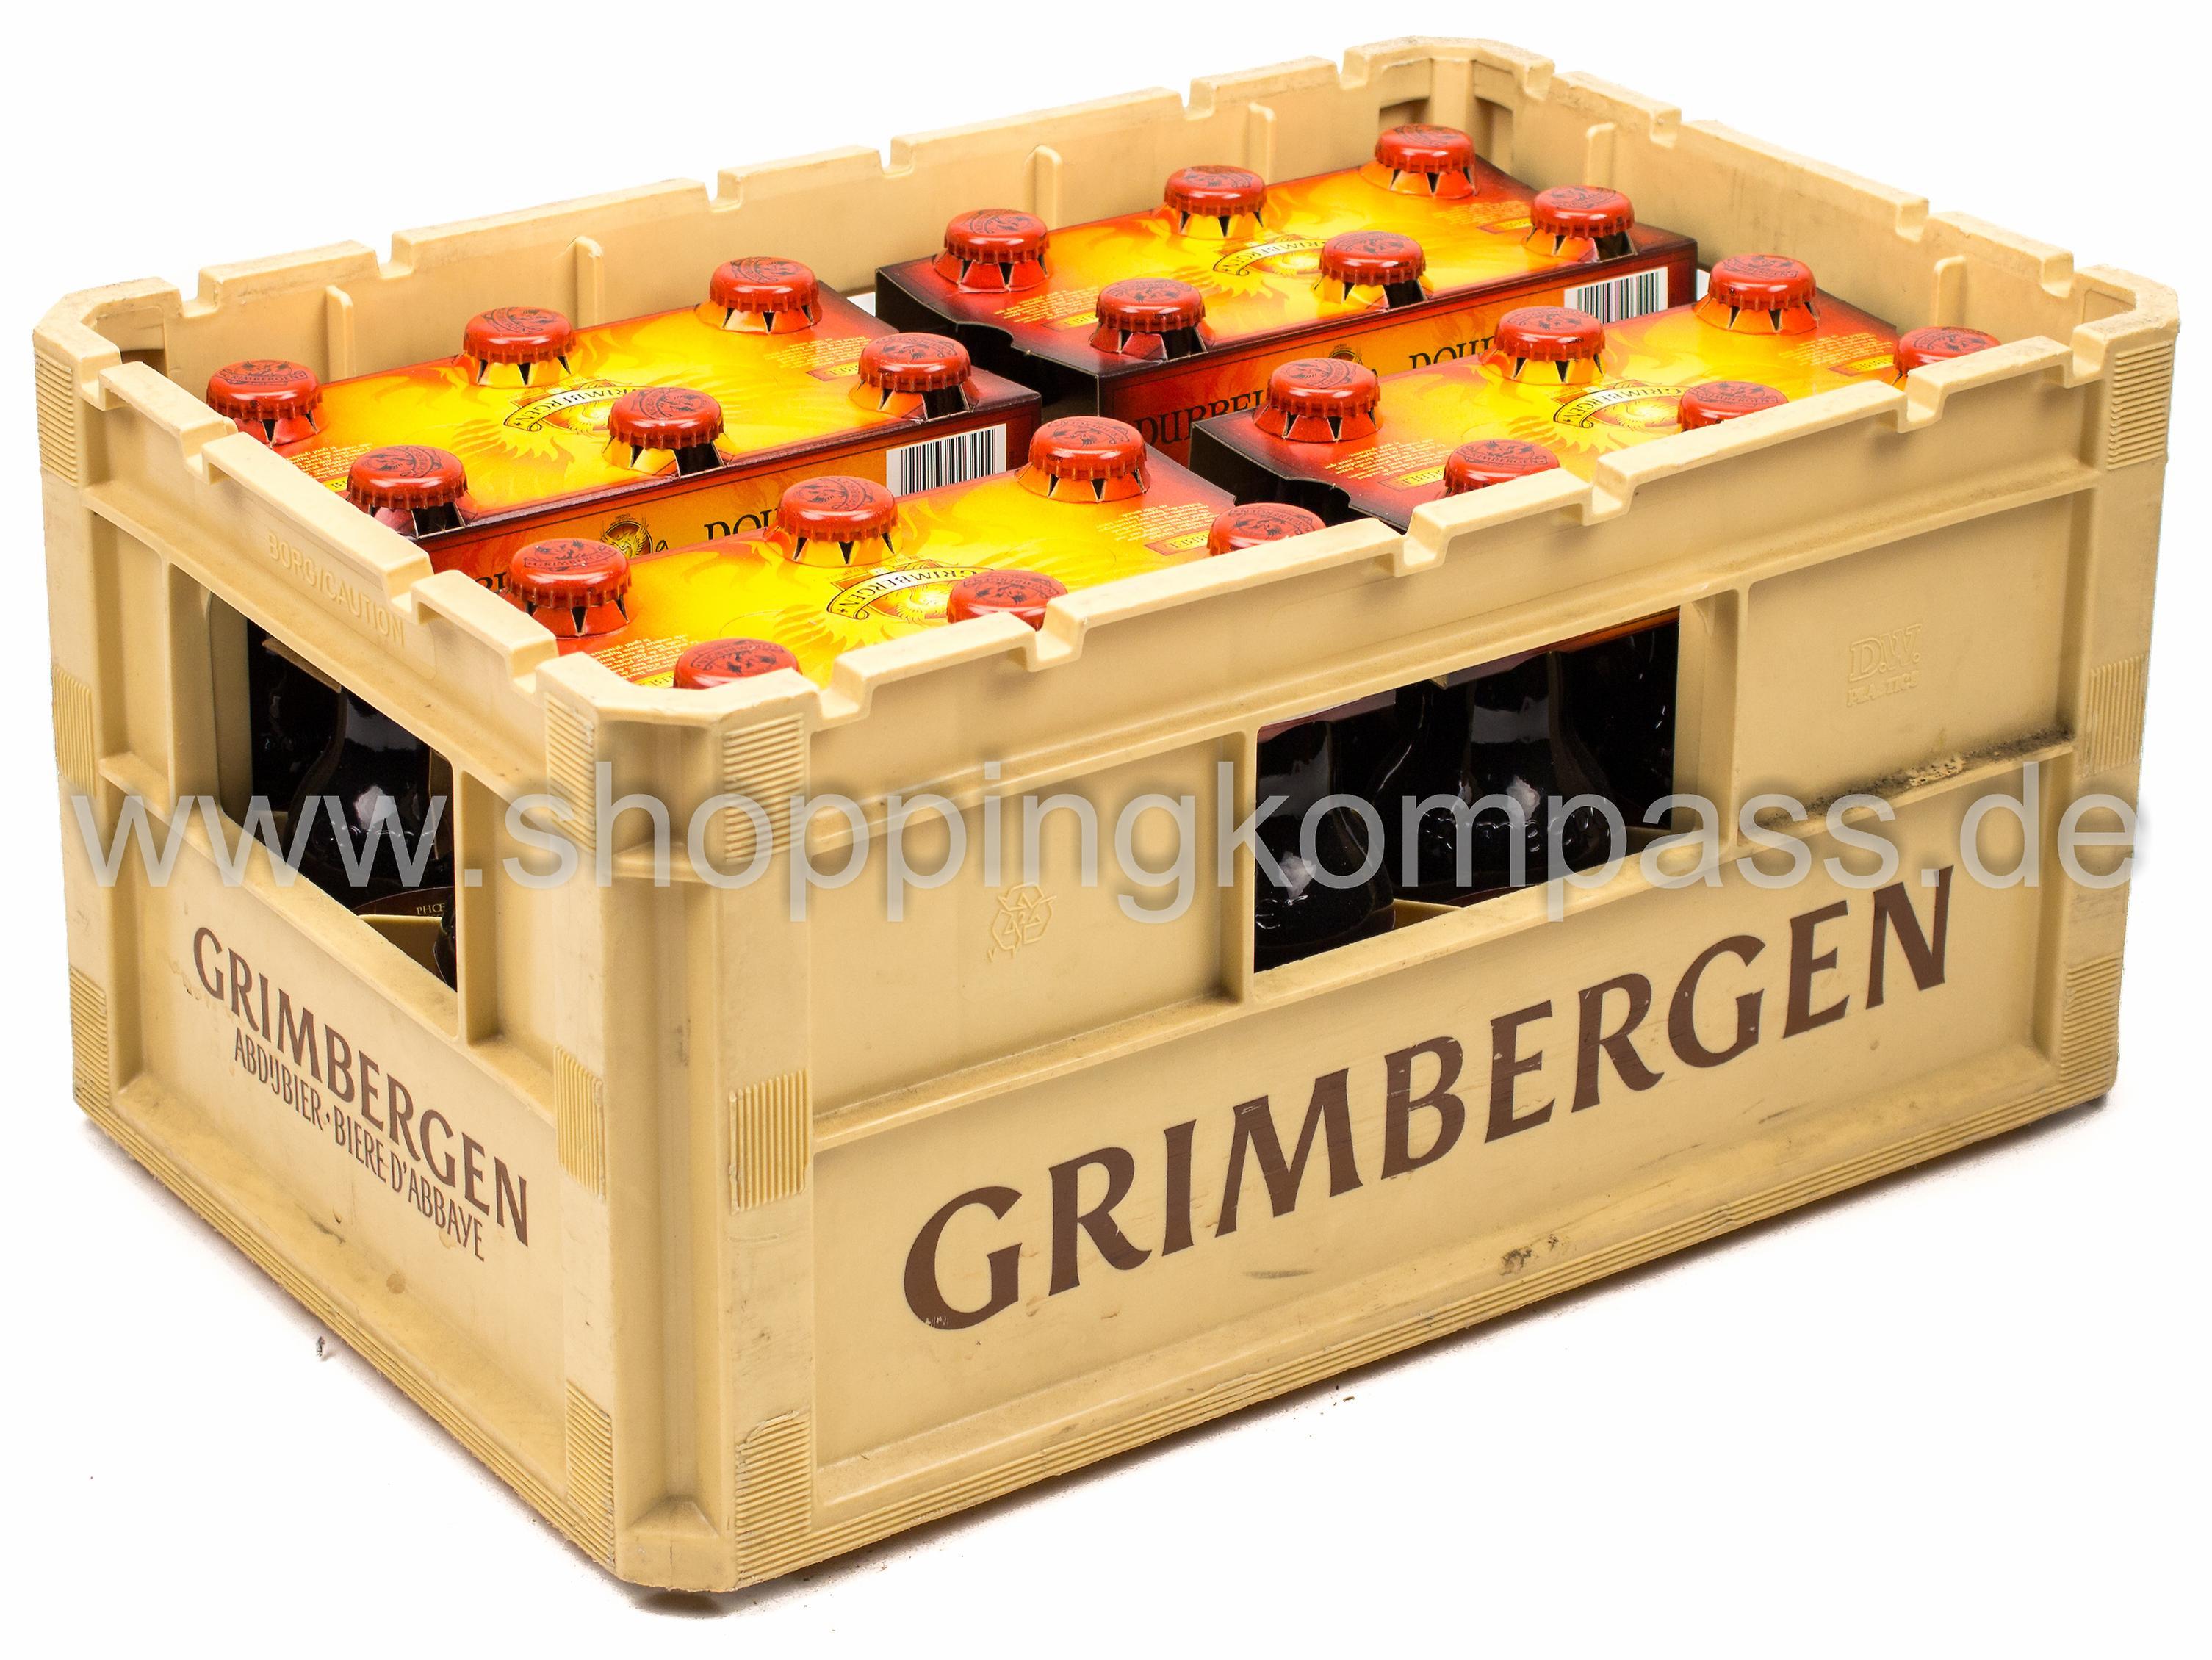 Grimbergen Dubbel Kasten 4 X 6 X 033 L Glas Mehrweg